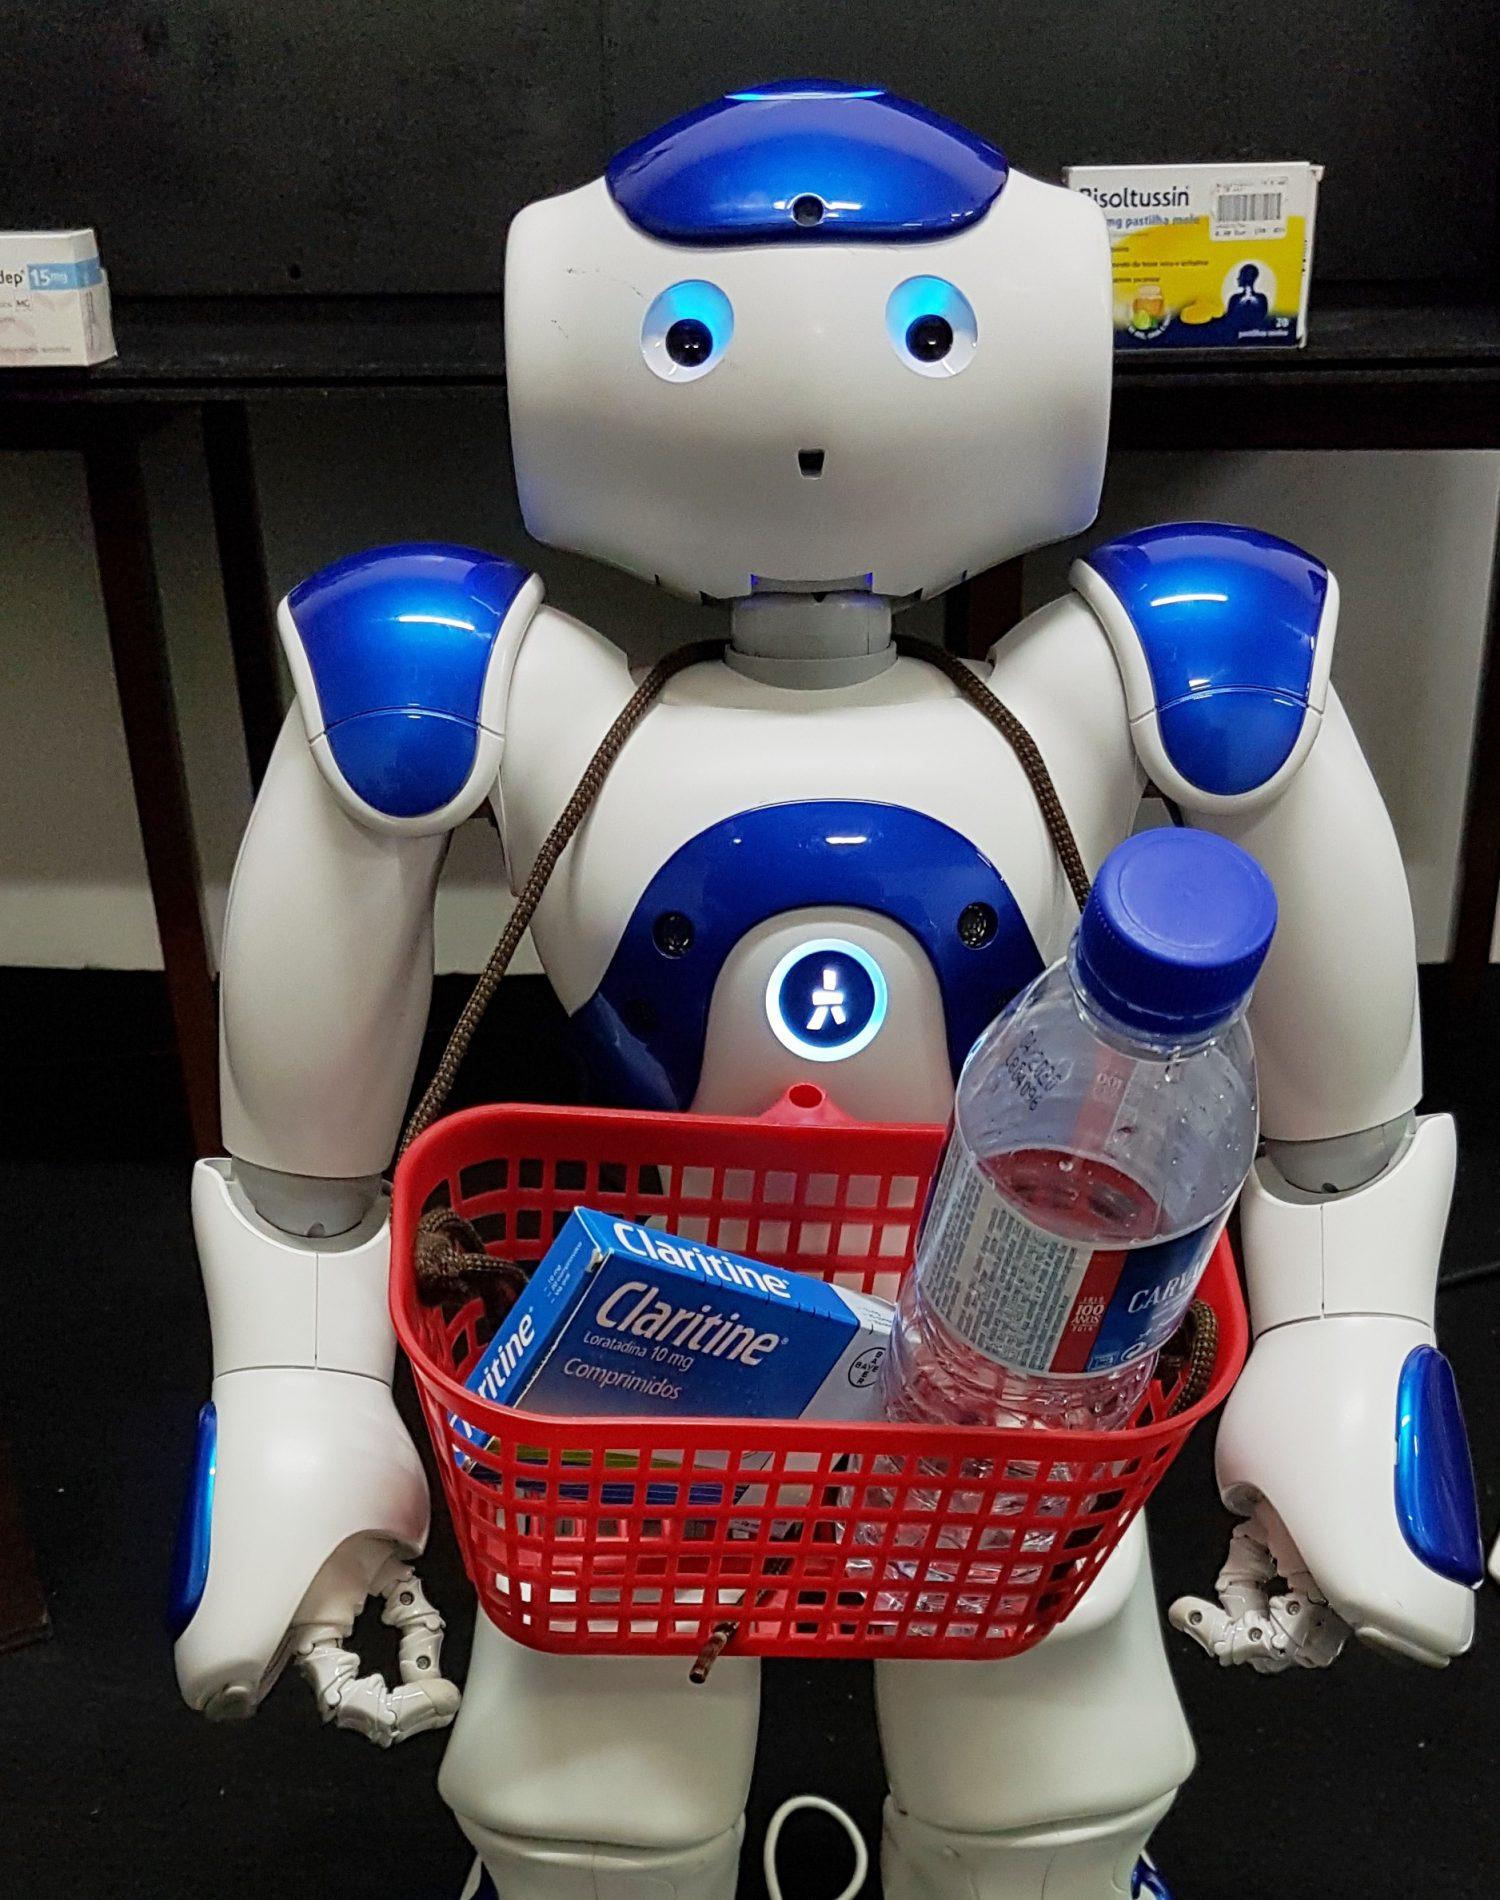 Uma equipe de investigadores de Saúde está a criar um sistema robótico para auxiliar idosos no cumprimento da tomada diária de medicação.